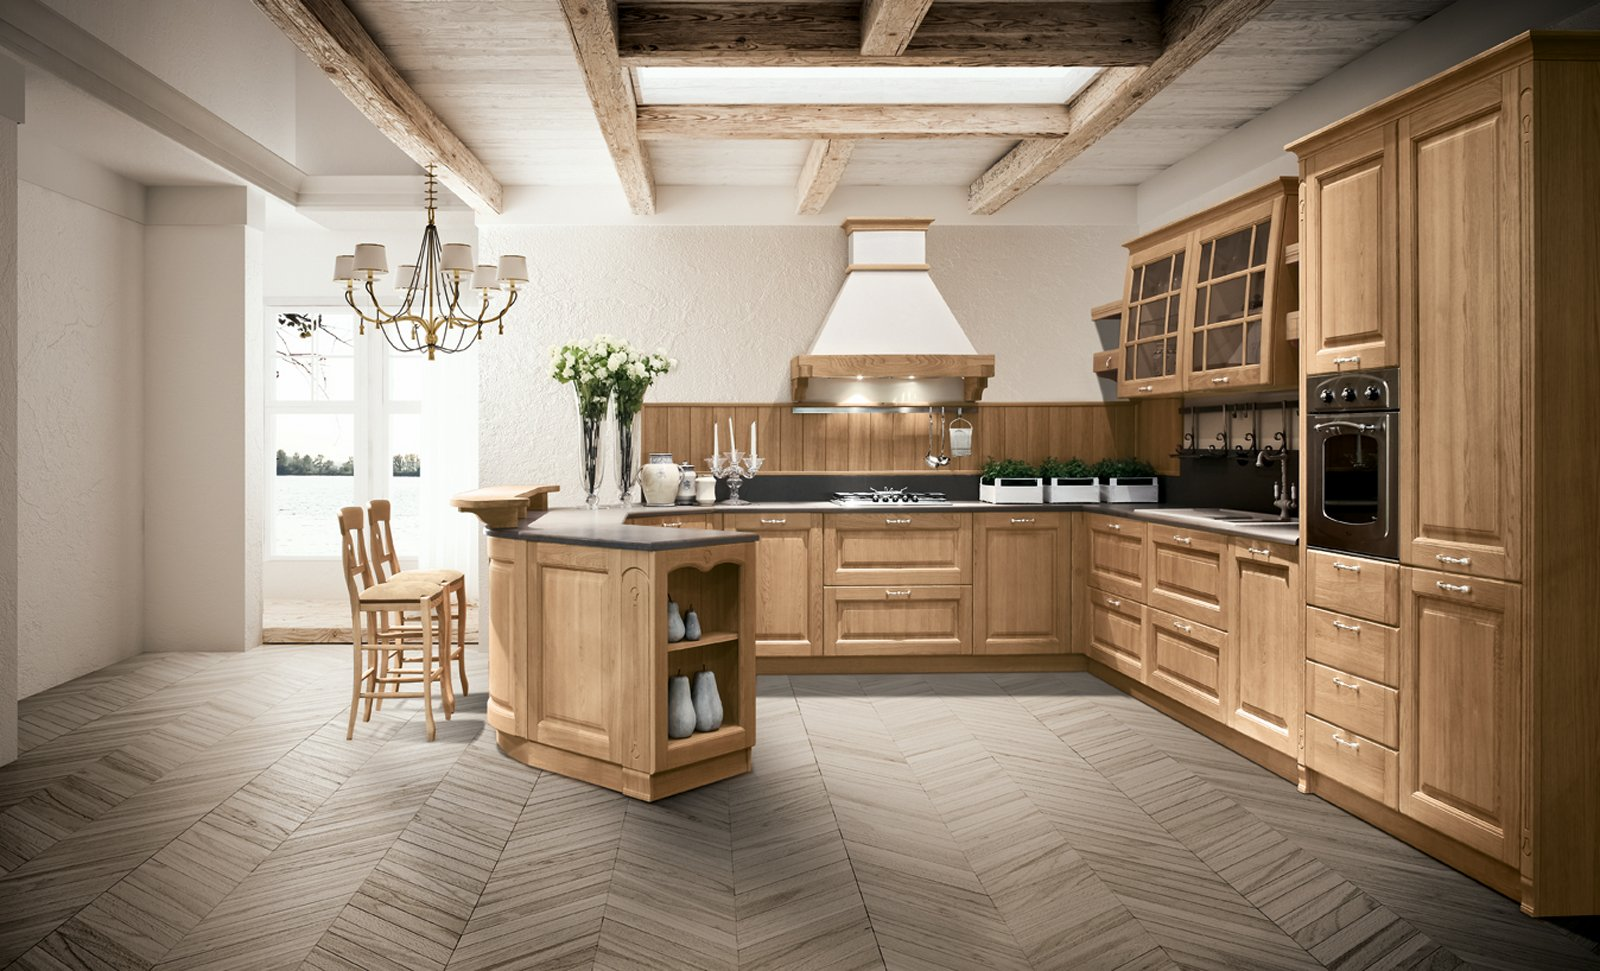 Del Rovere Naturale Per Bolgheri Di Stosa Cucine Il Modello Dotato Di  #3D2F1D 1600 971 Immagini Di Cucine Contemporanee